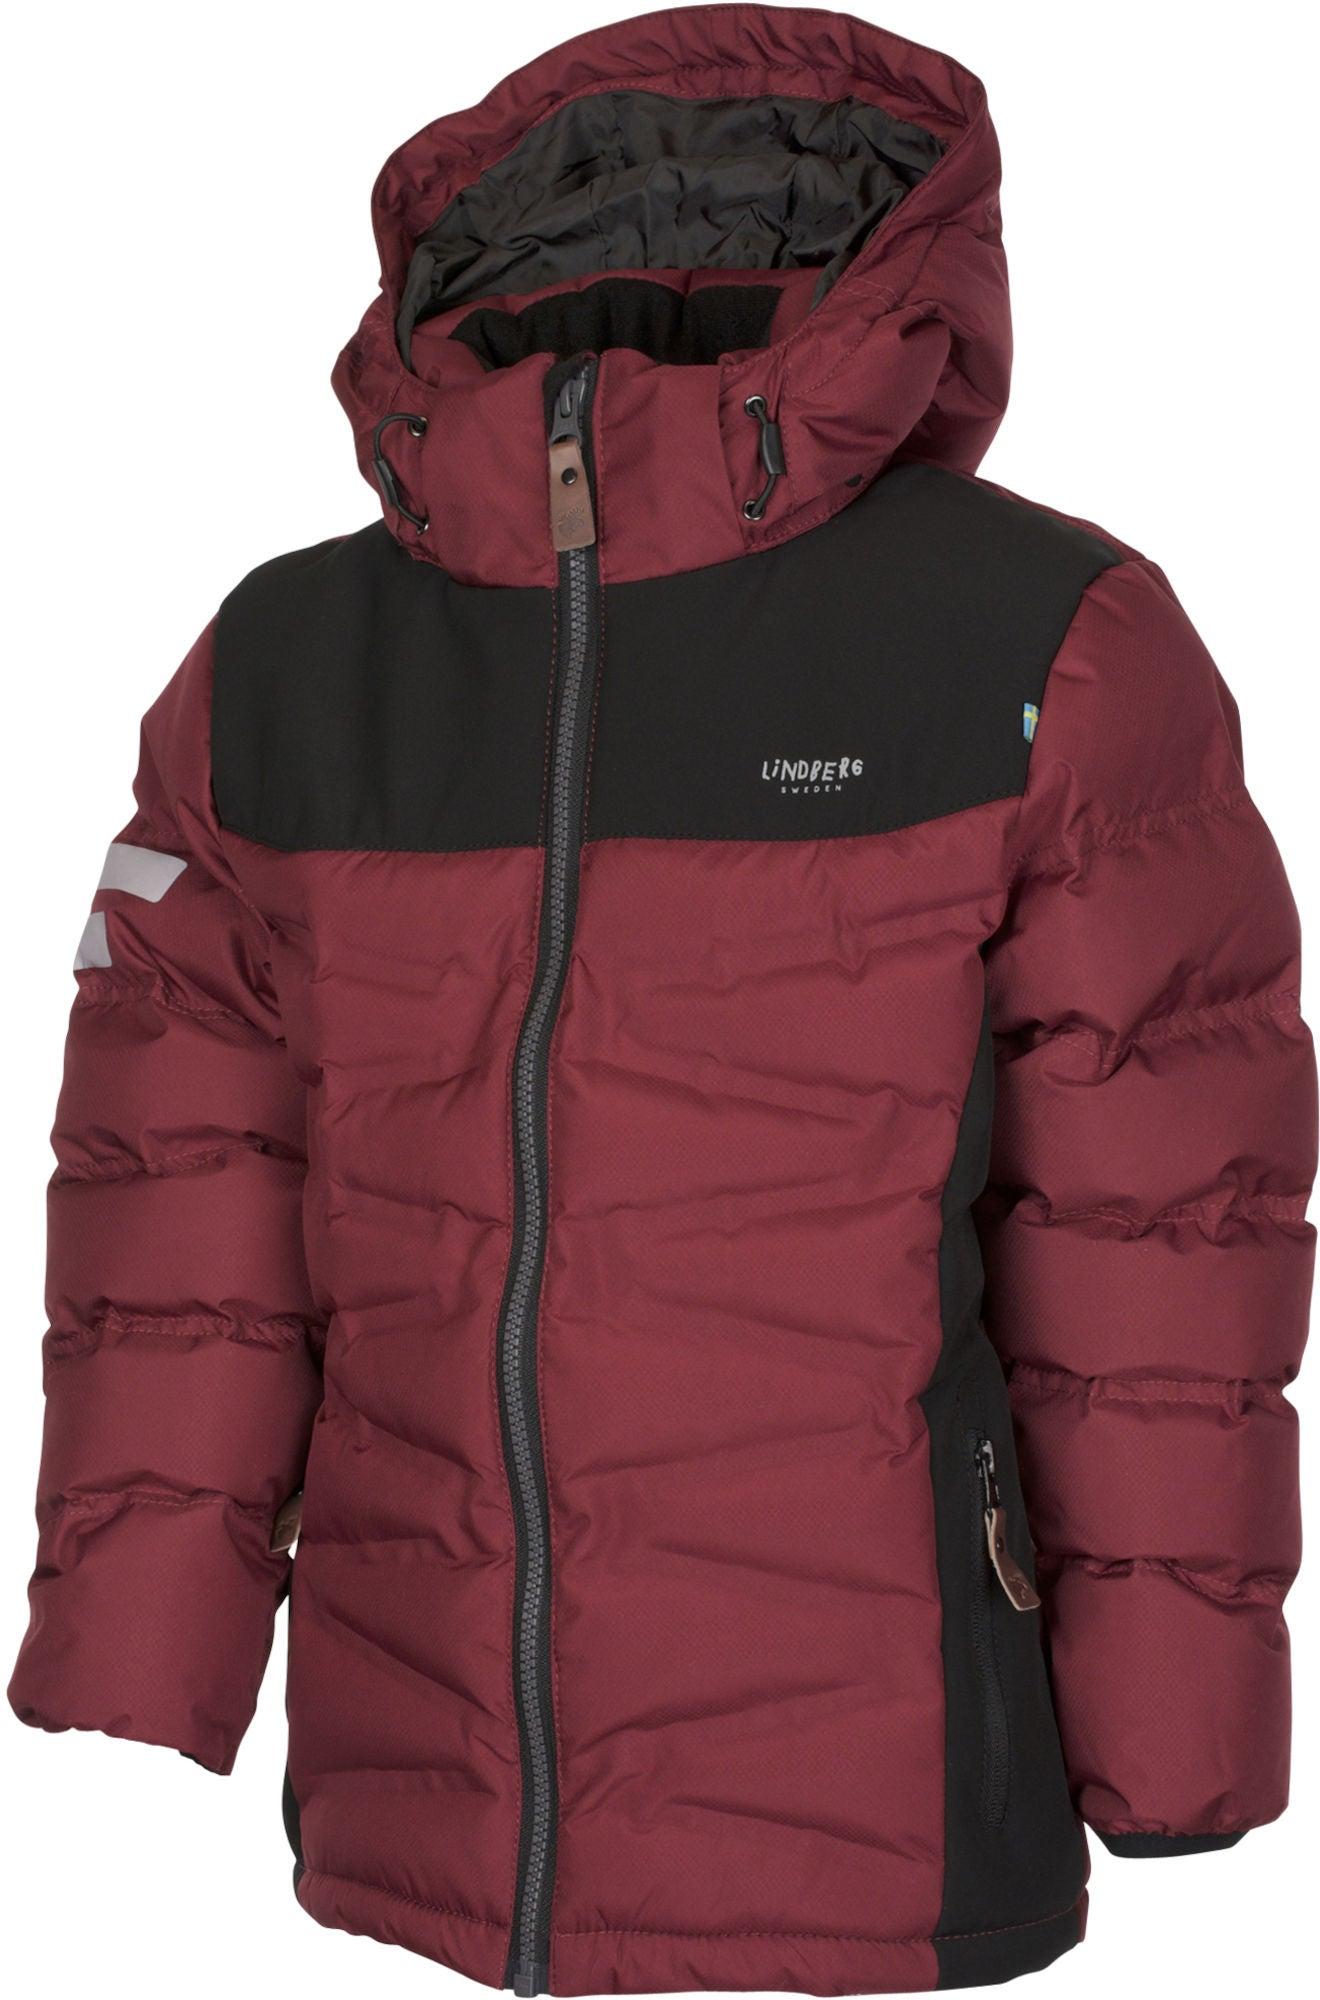 Lindberg Zermatt Jacka, Beet Red 120